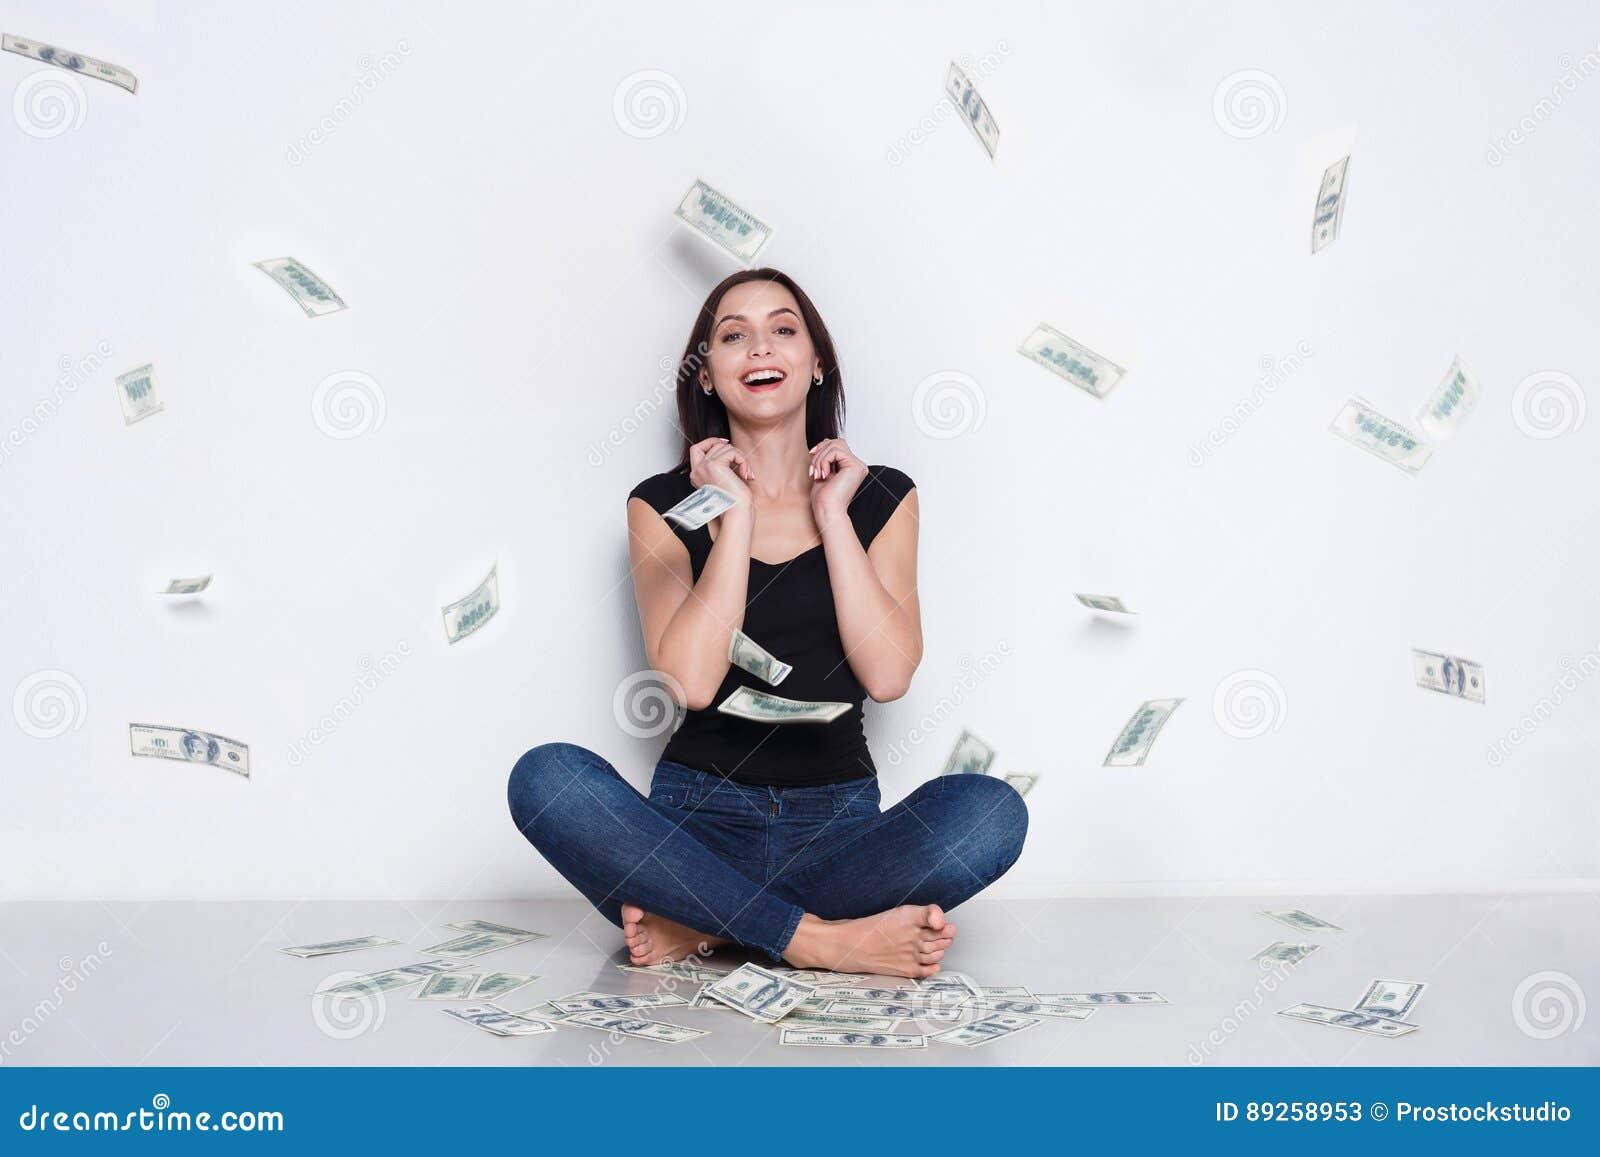 Mujer debajo de la lluvia del dinero, bote de la lotería, éxito